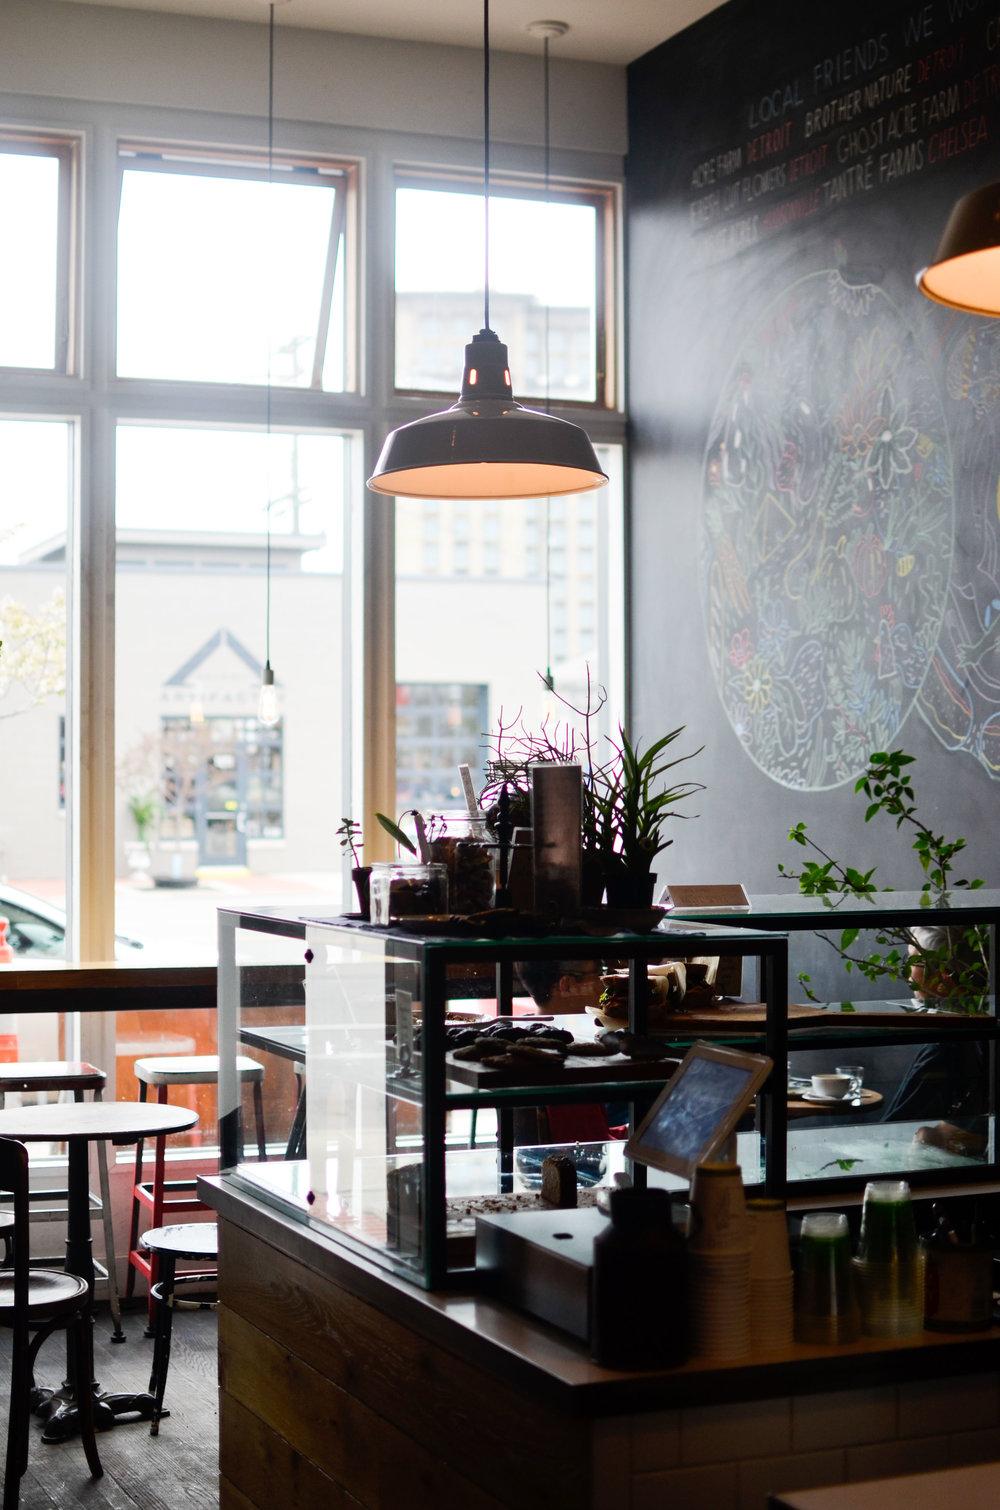 Wendling_Boyd_Coffee_Guide_Astro_Coffee_Detroit-3 copy.jpg